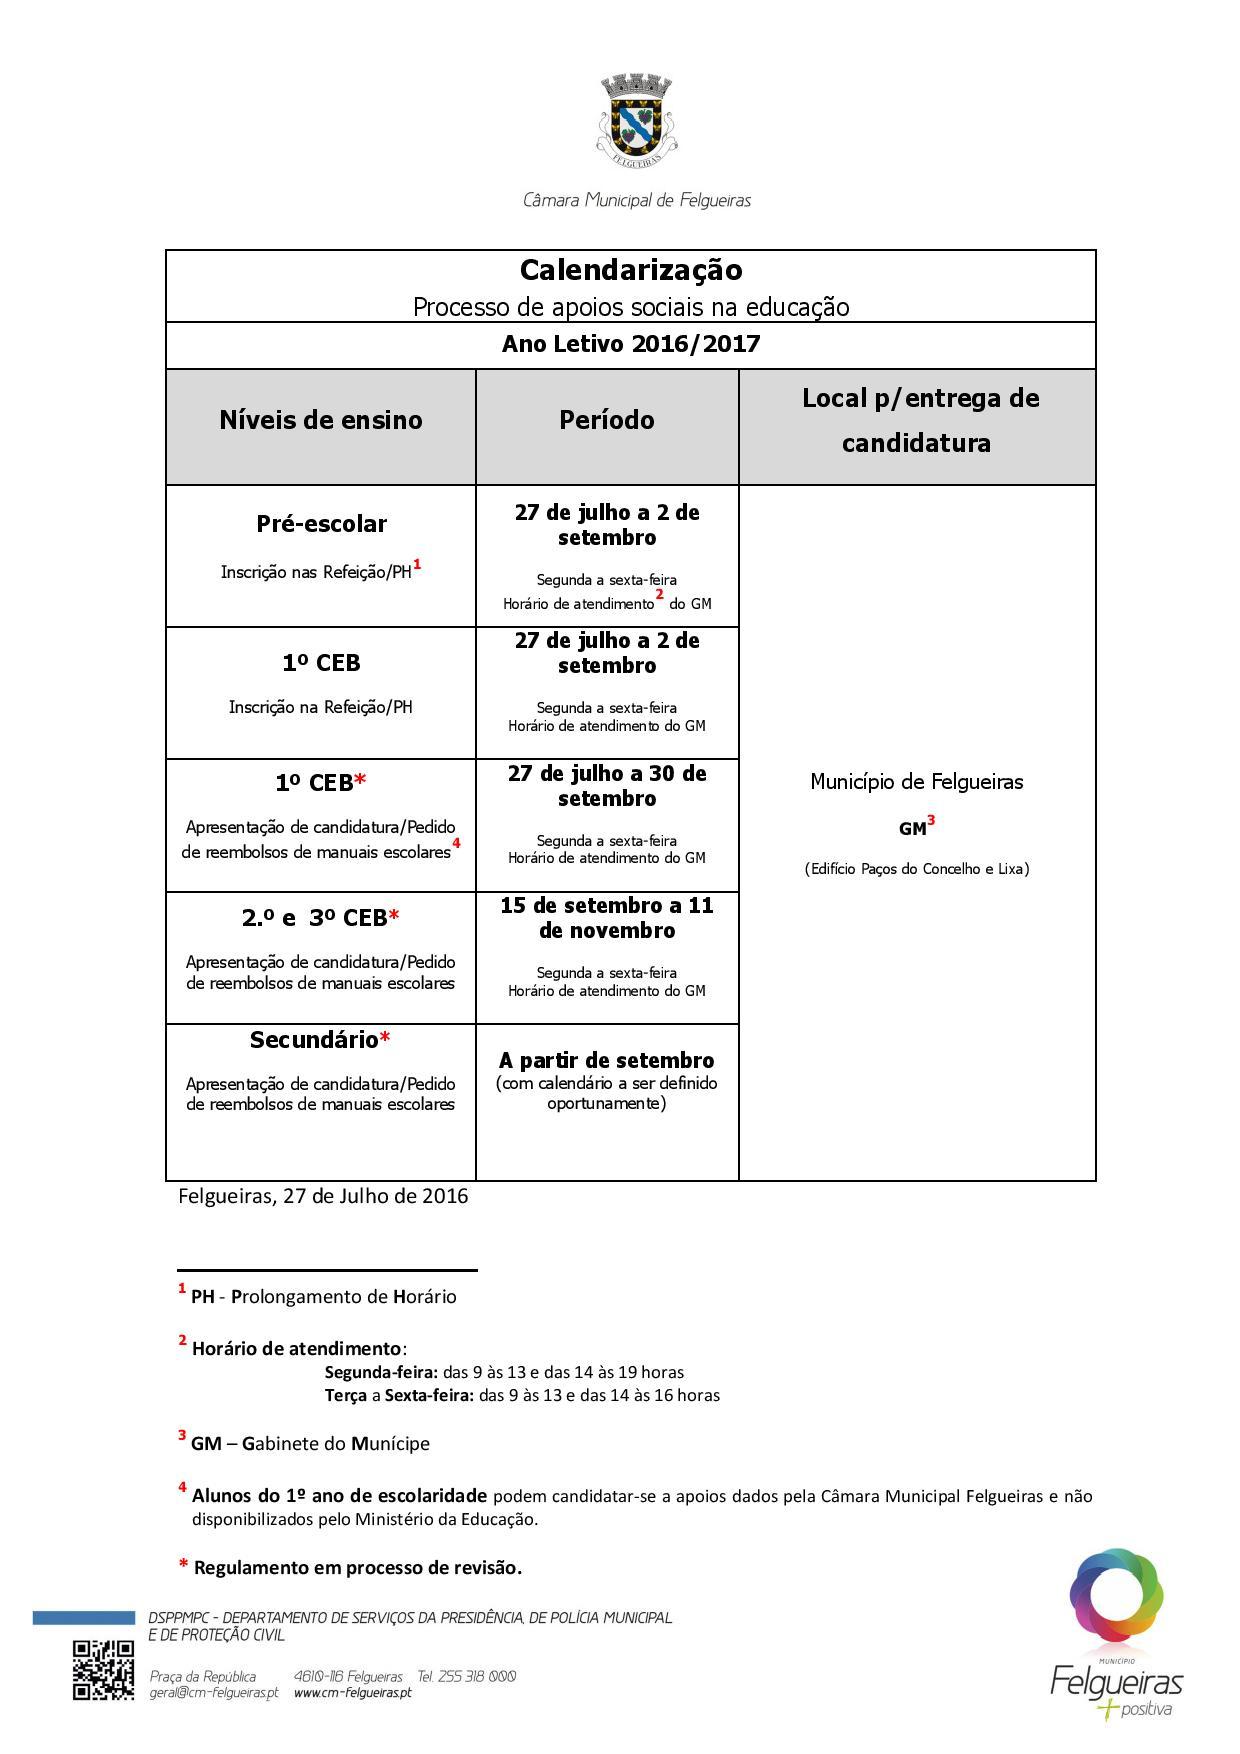 apoios-sociais-na-educacao-2016_17-calendarizacao-page-001